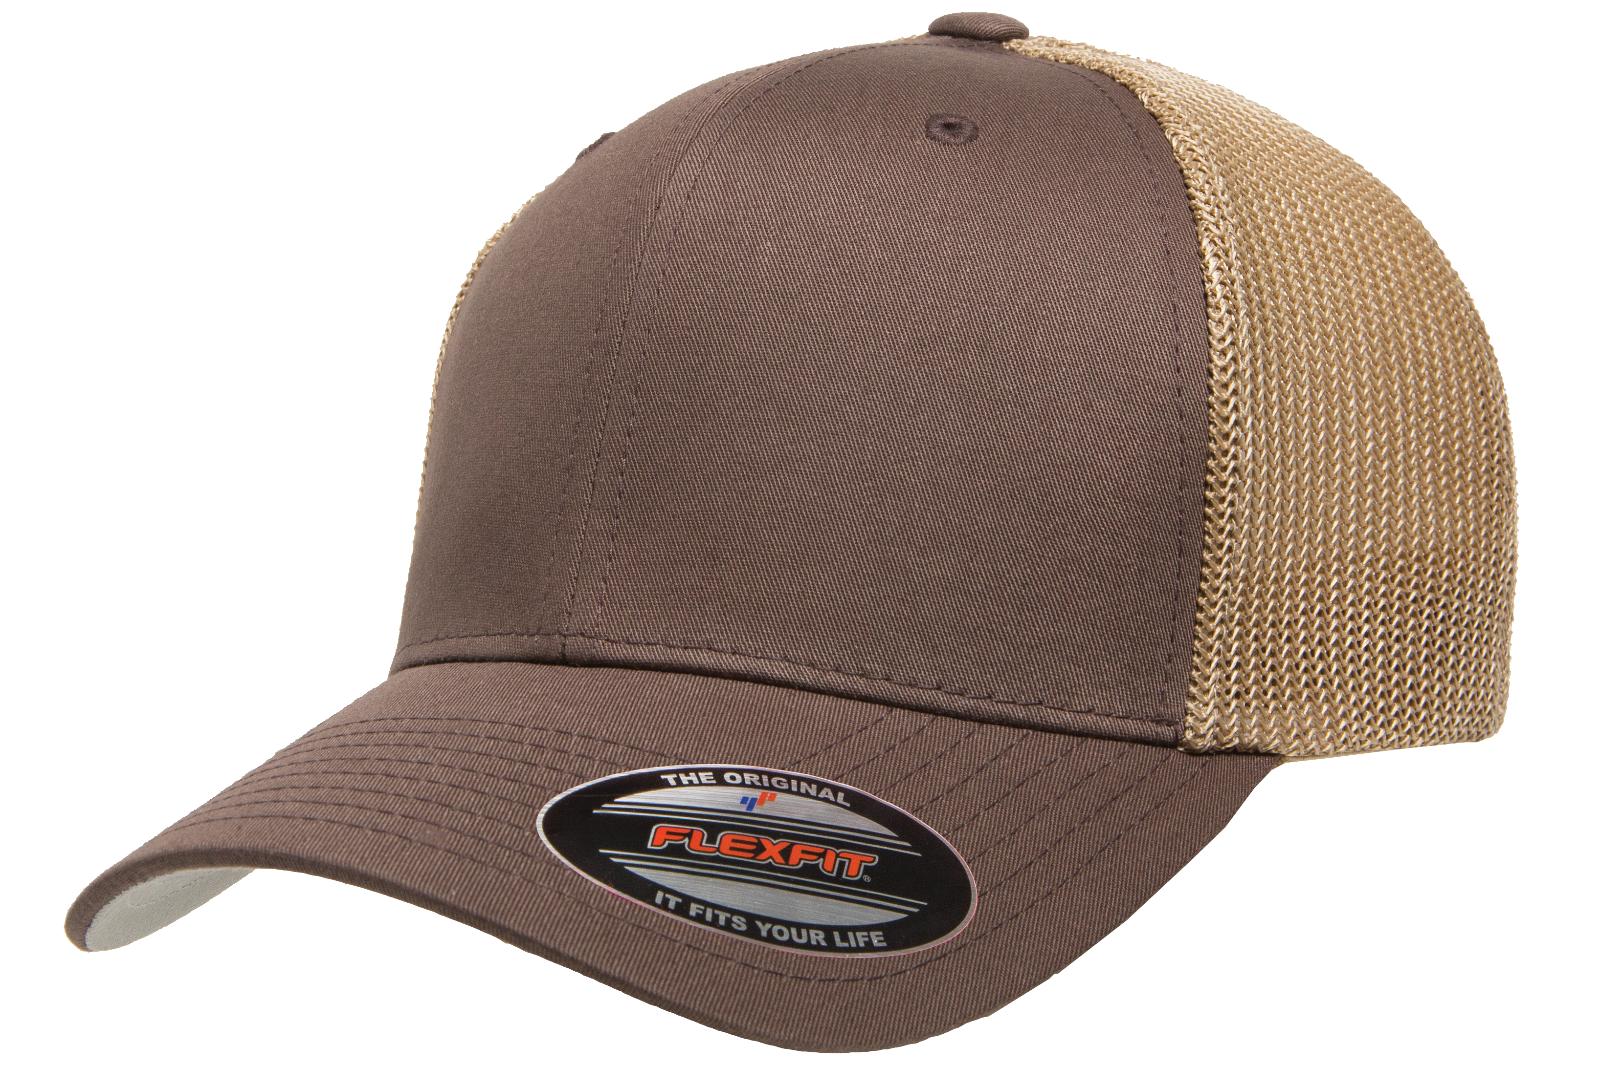 c0f31fa3a50 FLEXFIT - FITTED TRUCKER CAP